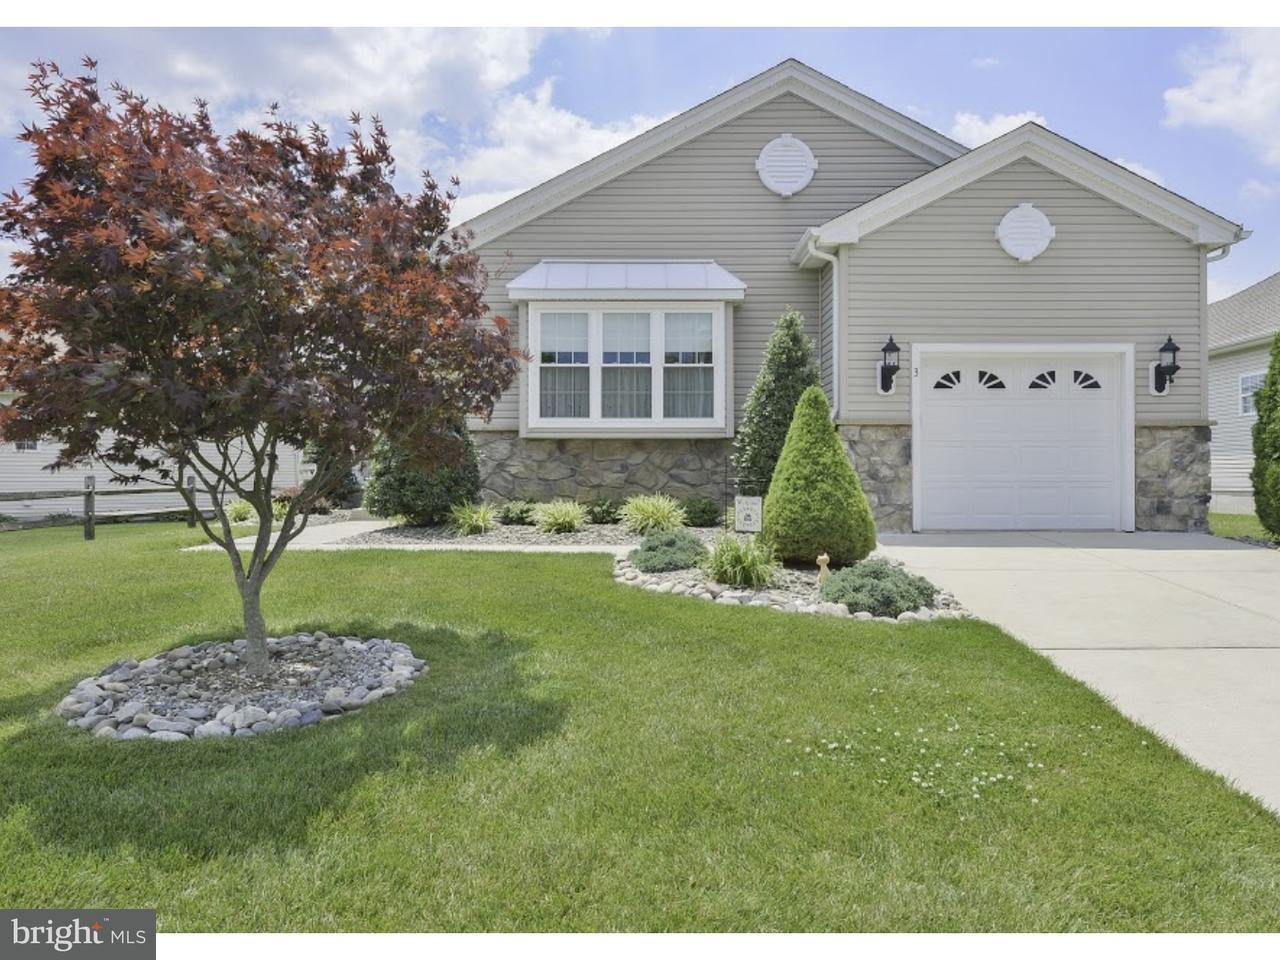 独户住宅 为 销售 在 3 JUNE ANN Drive Clayton, 新泽西州 08312 美国